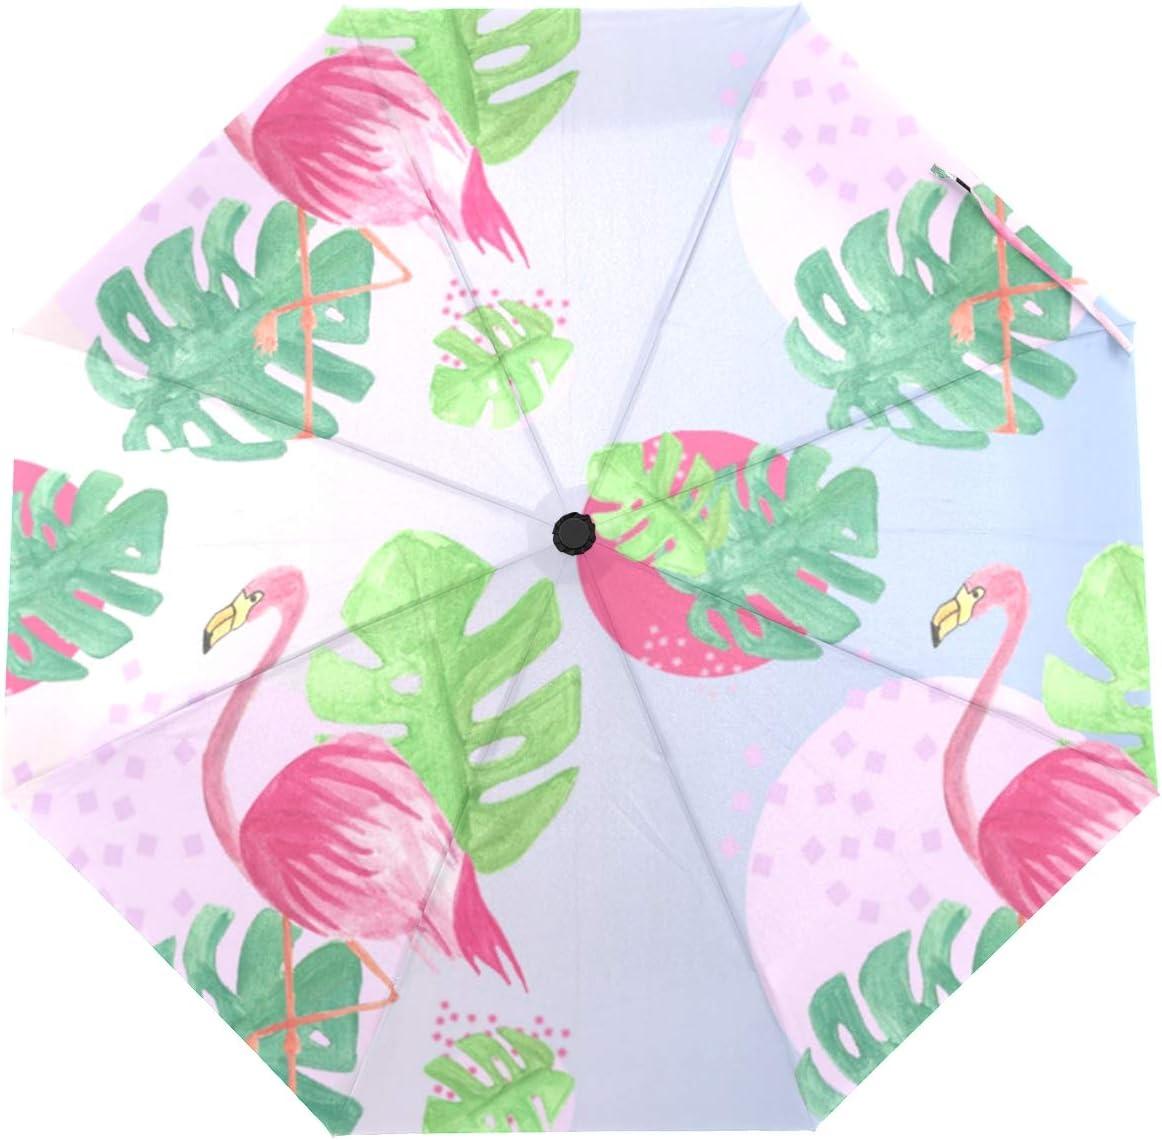 Max 67% Fees free!! OFF OREZI Automatic Open Close Folding Leaves Umbrella And Flamingos